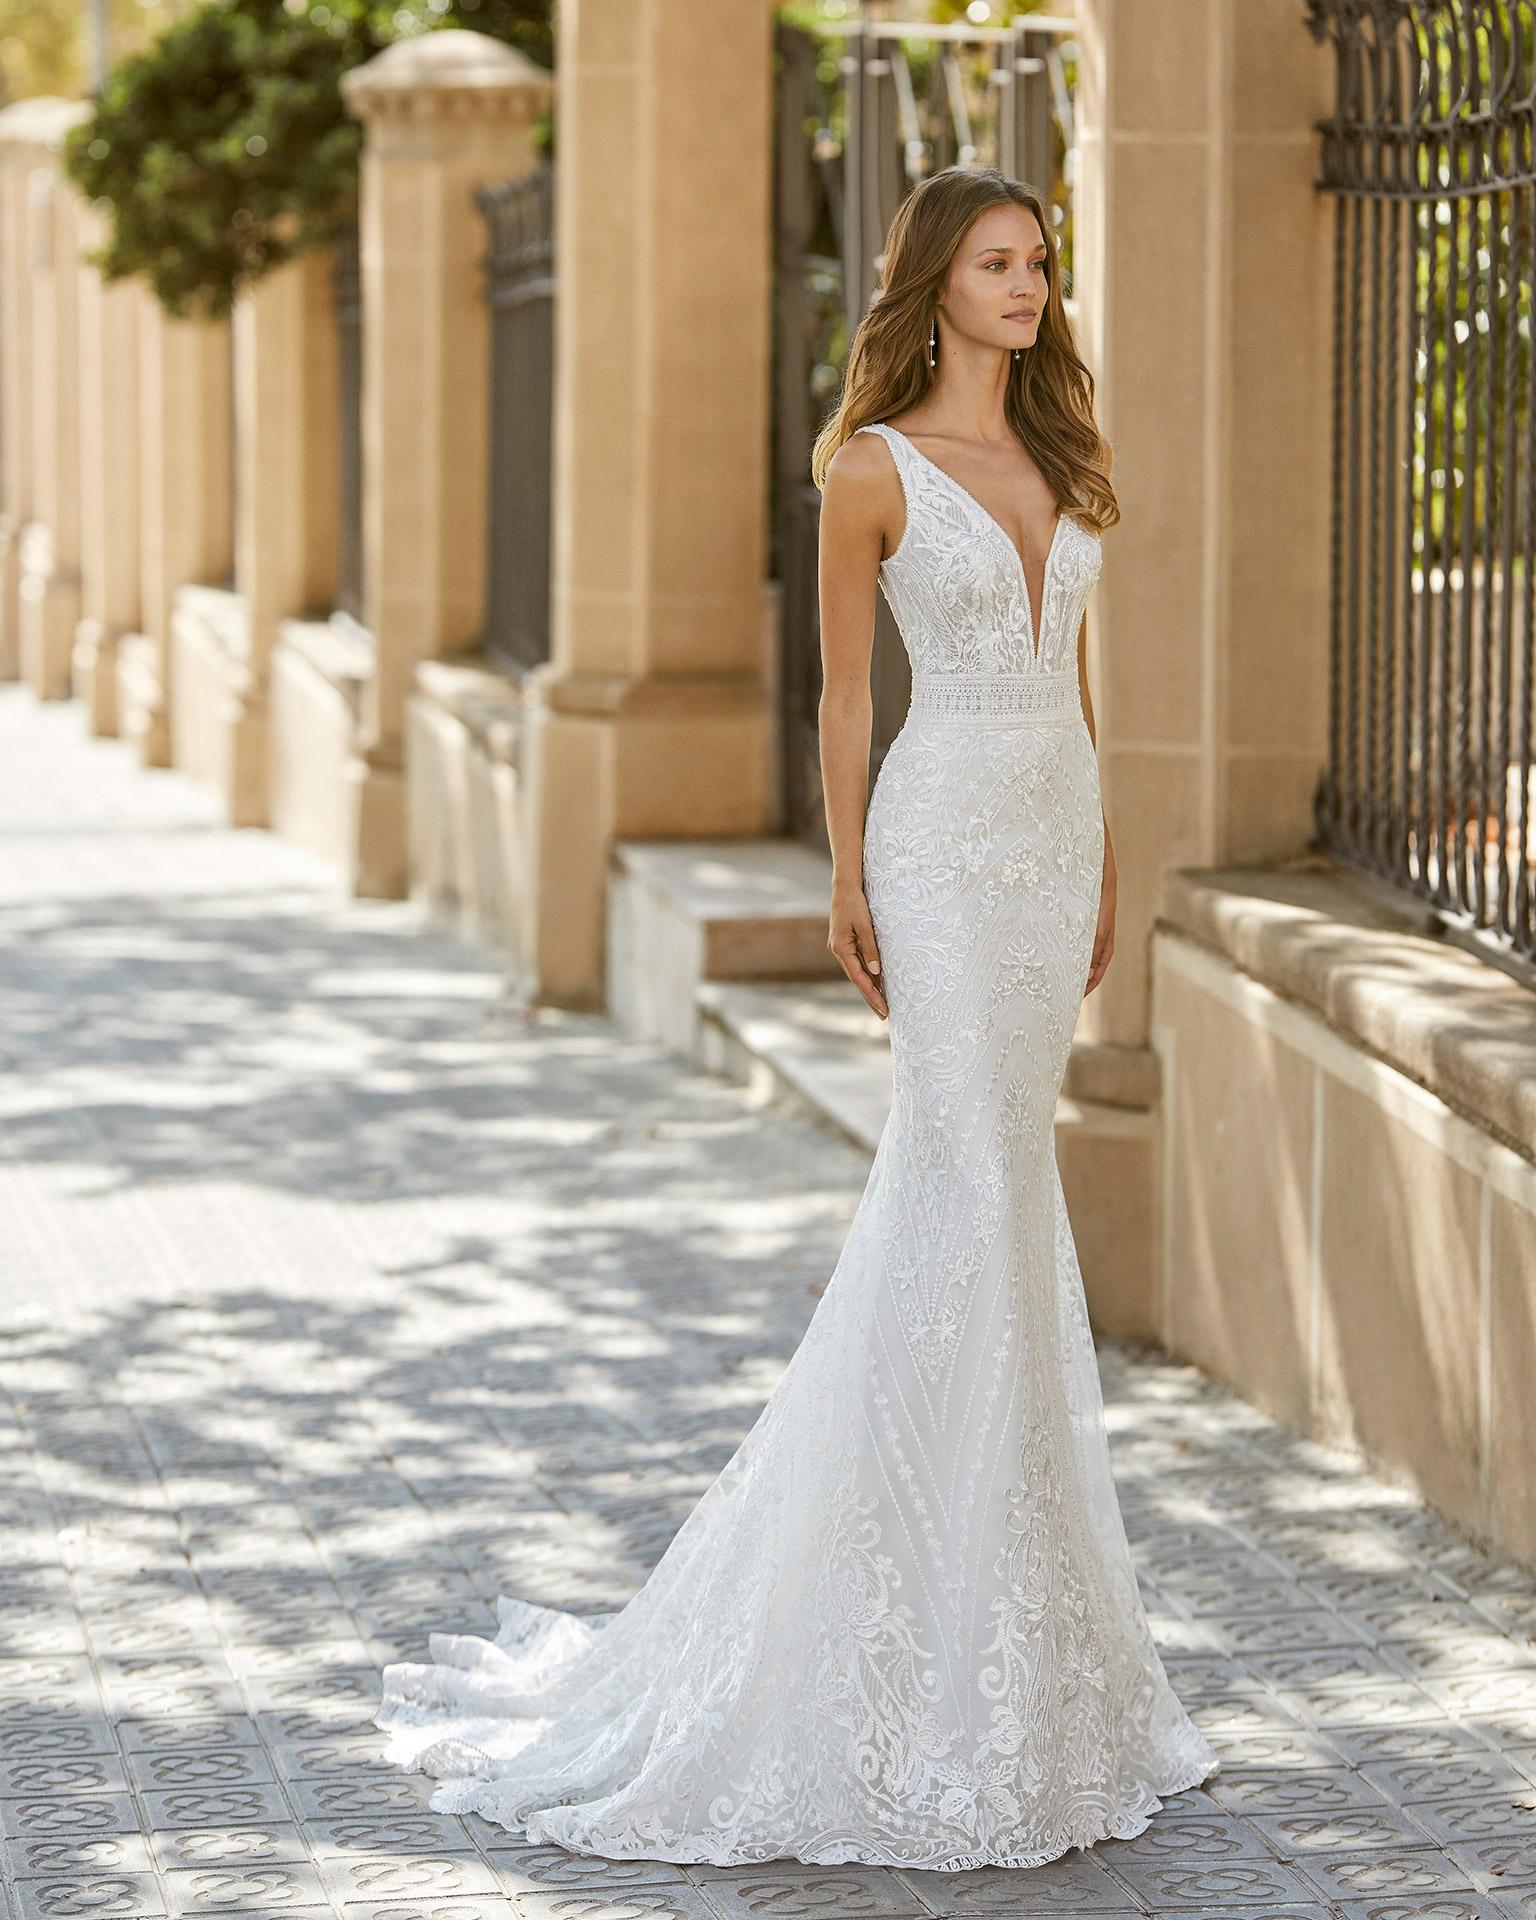 Vestido de novia corte sirena de encaje y pedrería. Escote deep plunge y espalda en V. Colección  2022.